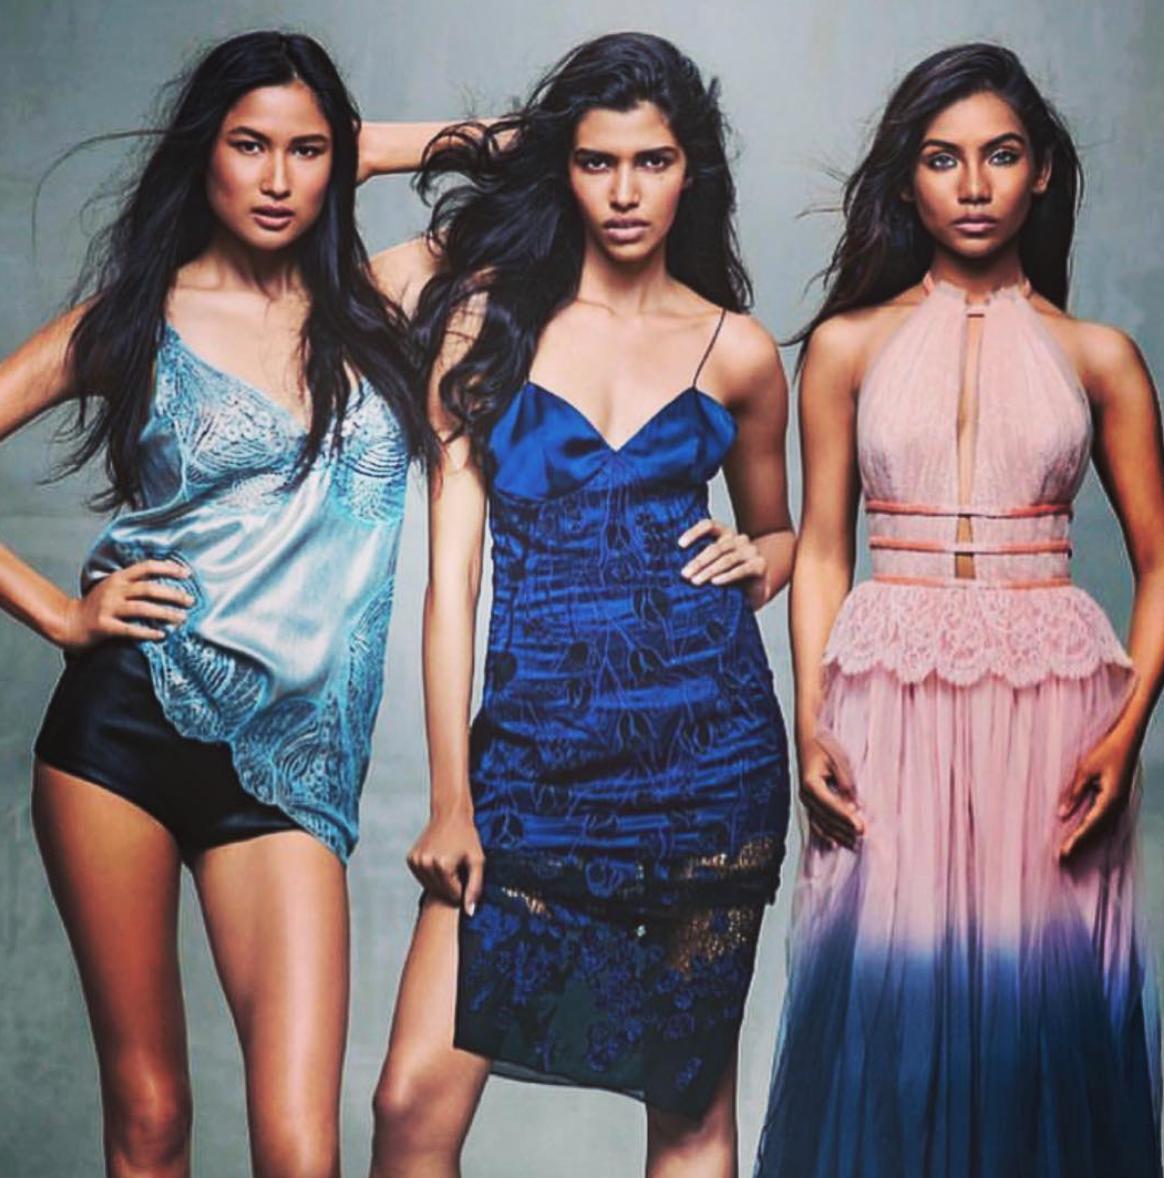 21-летняя индийская модель собложки Vogue покончила ссобой